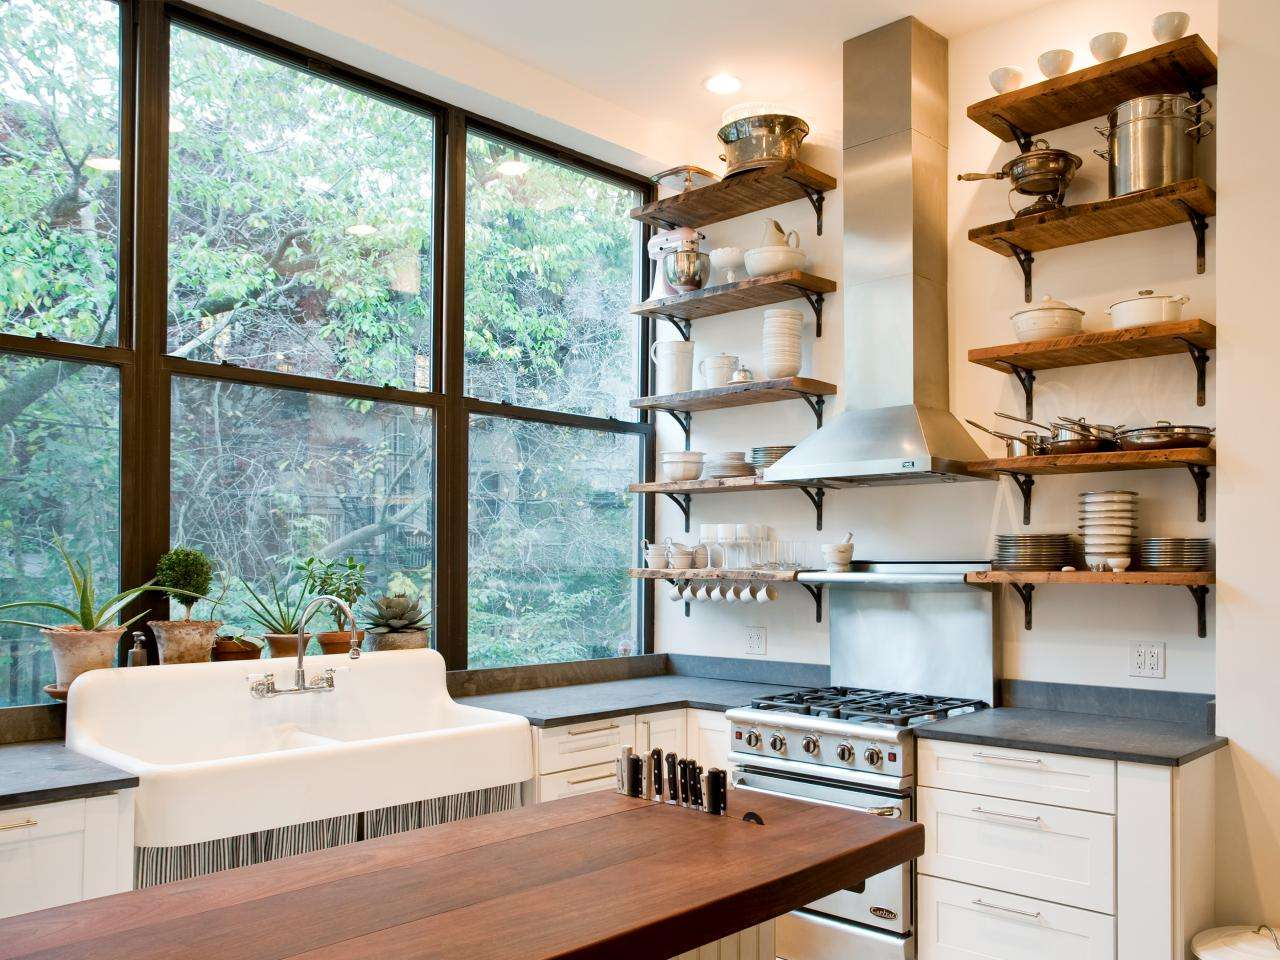 Kitchen Storage Ideas Design Cabinets Islands